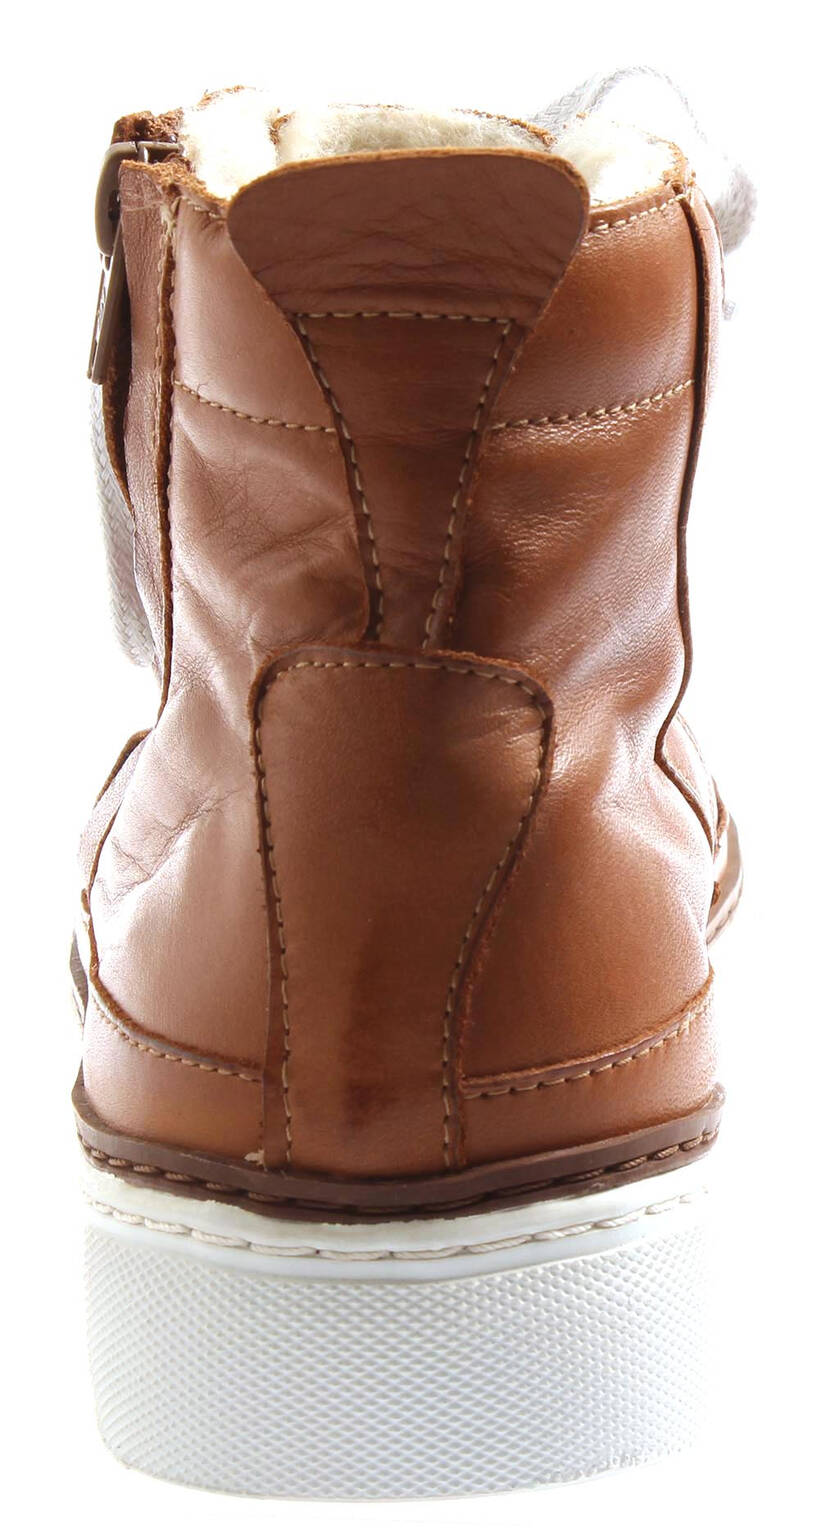 Isabelle Chaud Baskets Montantes Chaussures Femme Femme Chaussures en Cuir Winterbootie Cognac d9df48